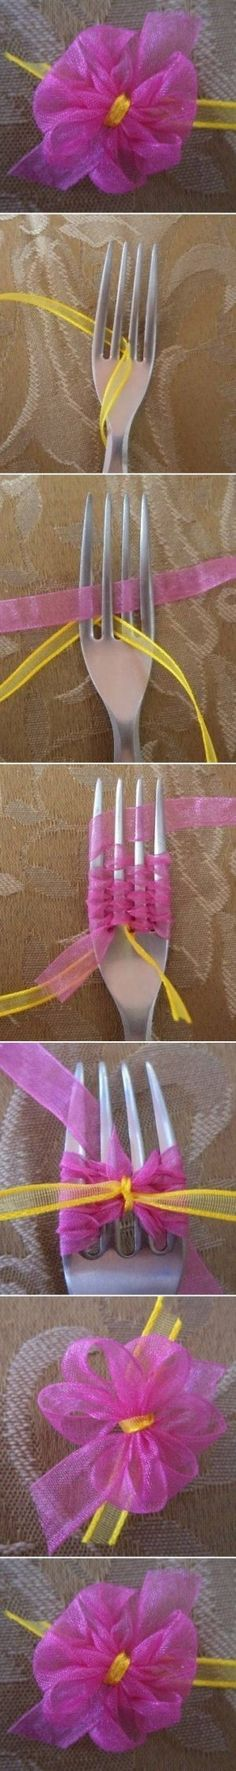 DIY Small Delicate Bow cute bow diy easy crafts diy ideas diy crafts do it yourself easy diy diy photos diy tutorials diy tutorial ideas Ribbon Art, Ribbon Crafts, Ribbon Bows, Diy Crafts, Ribbon Flower, Organza Ribbon, Handmade Flowers, Diy Flowers, Fabric Flowers